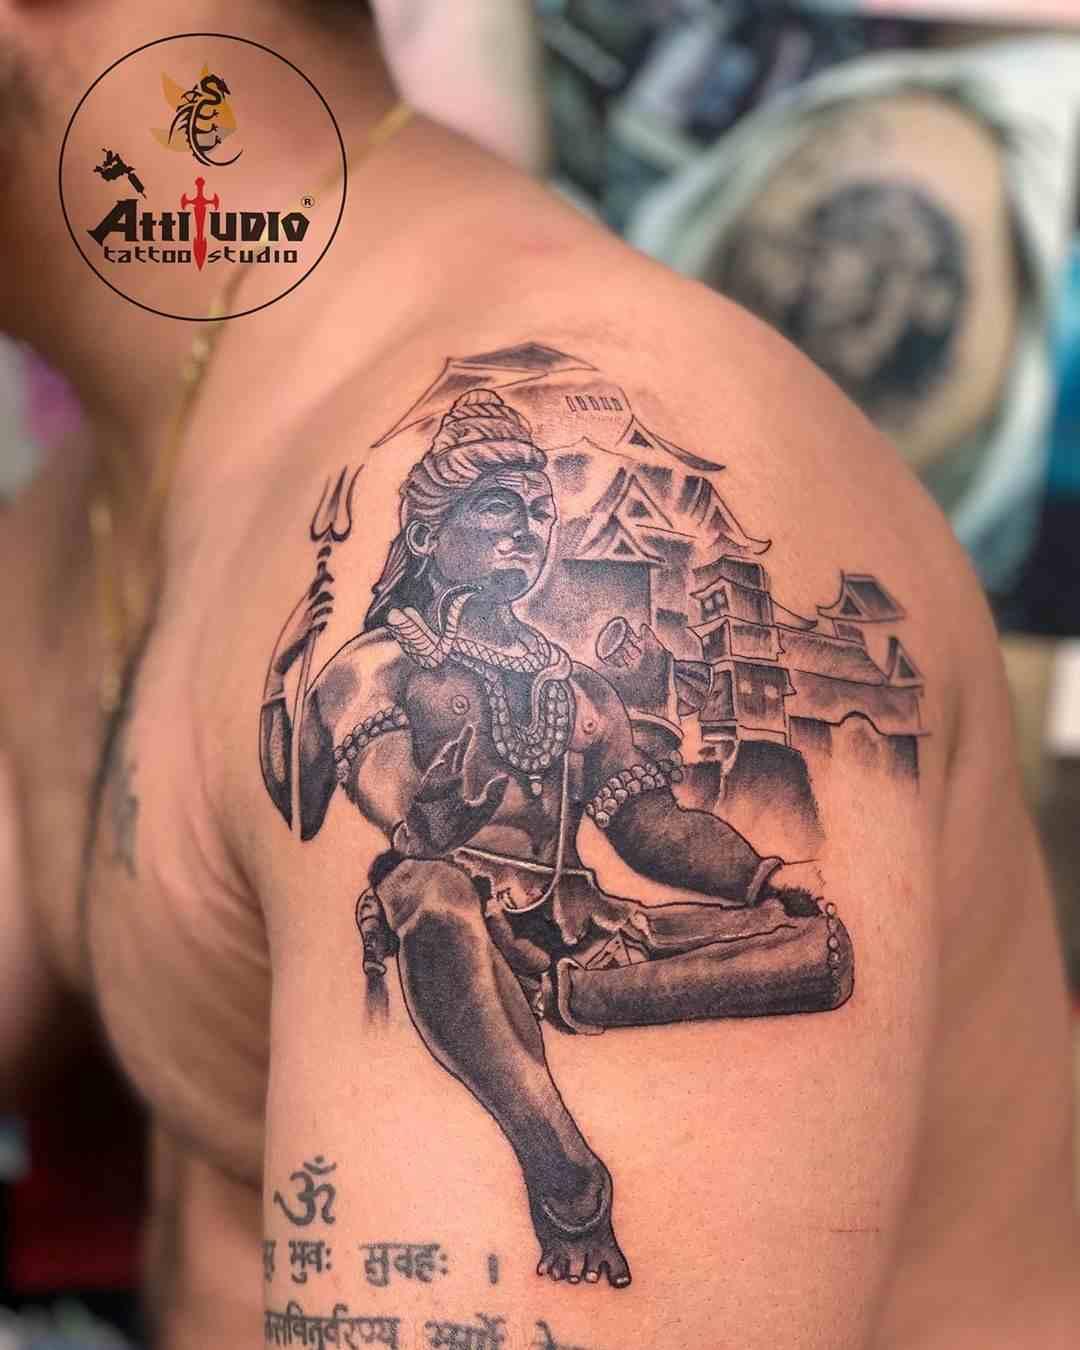 attitudio-tattoo-delhi-shoulder-shiva